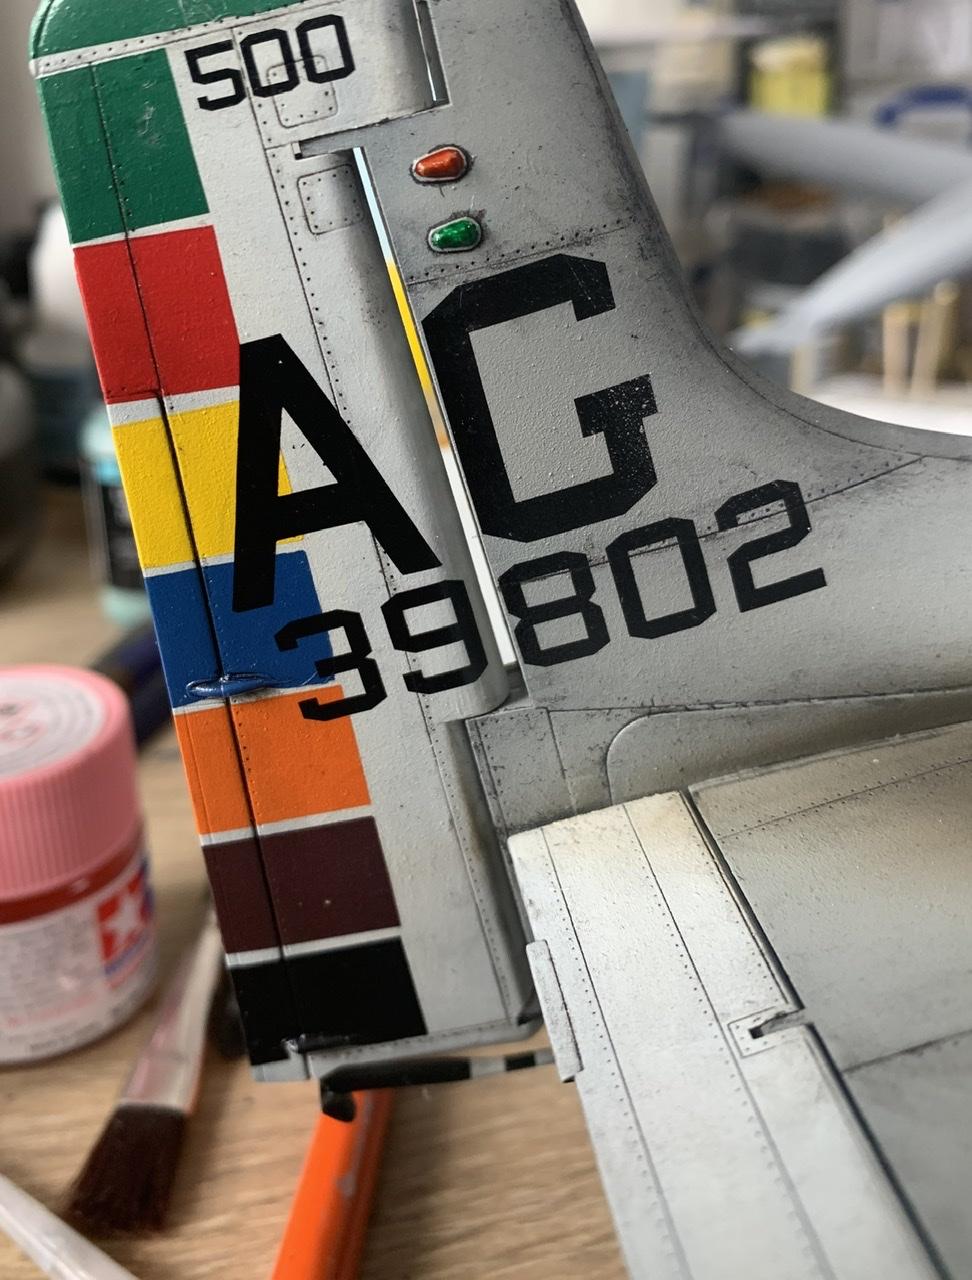 E7282575-DC8F-4A1B-9C14-01D551766C47.jpeg